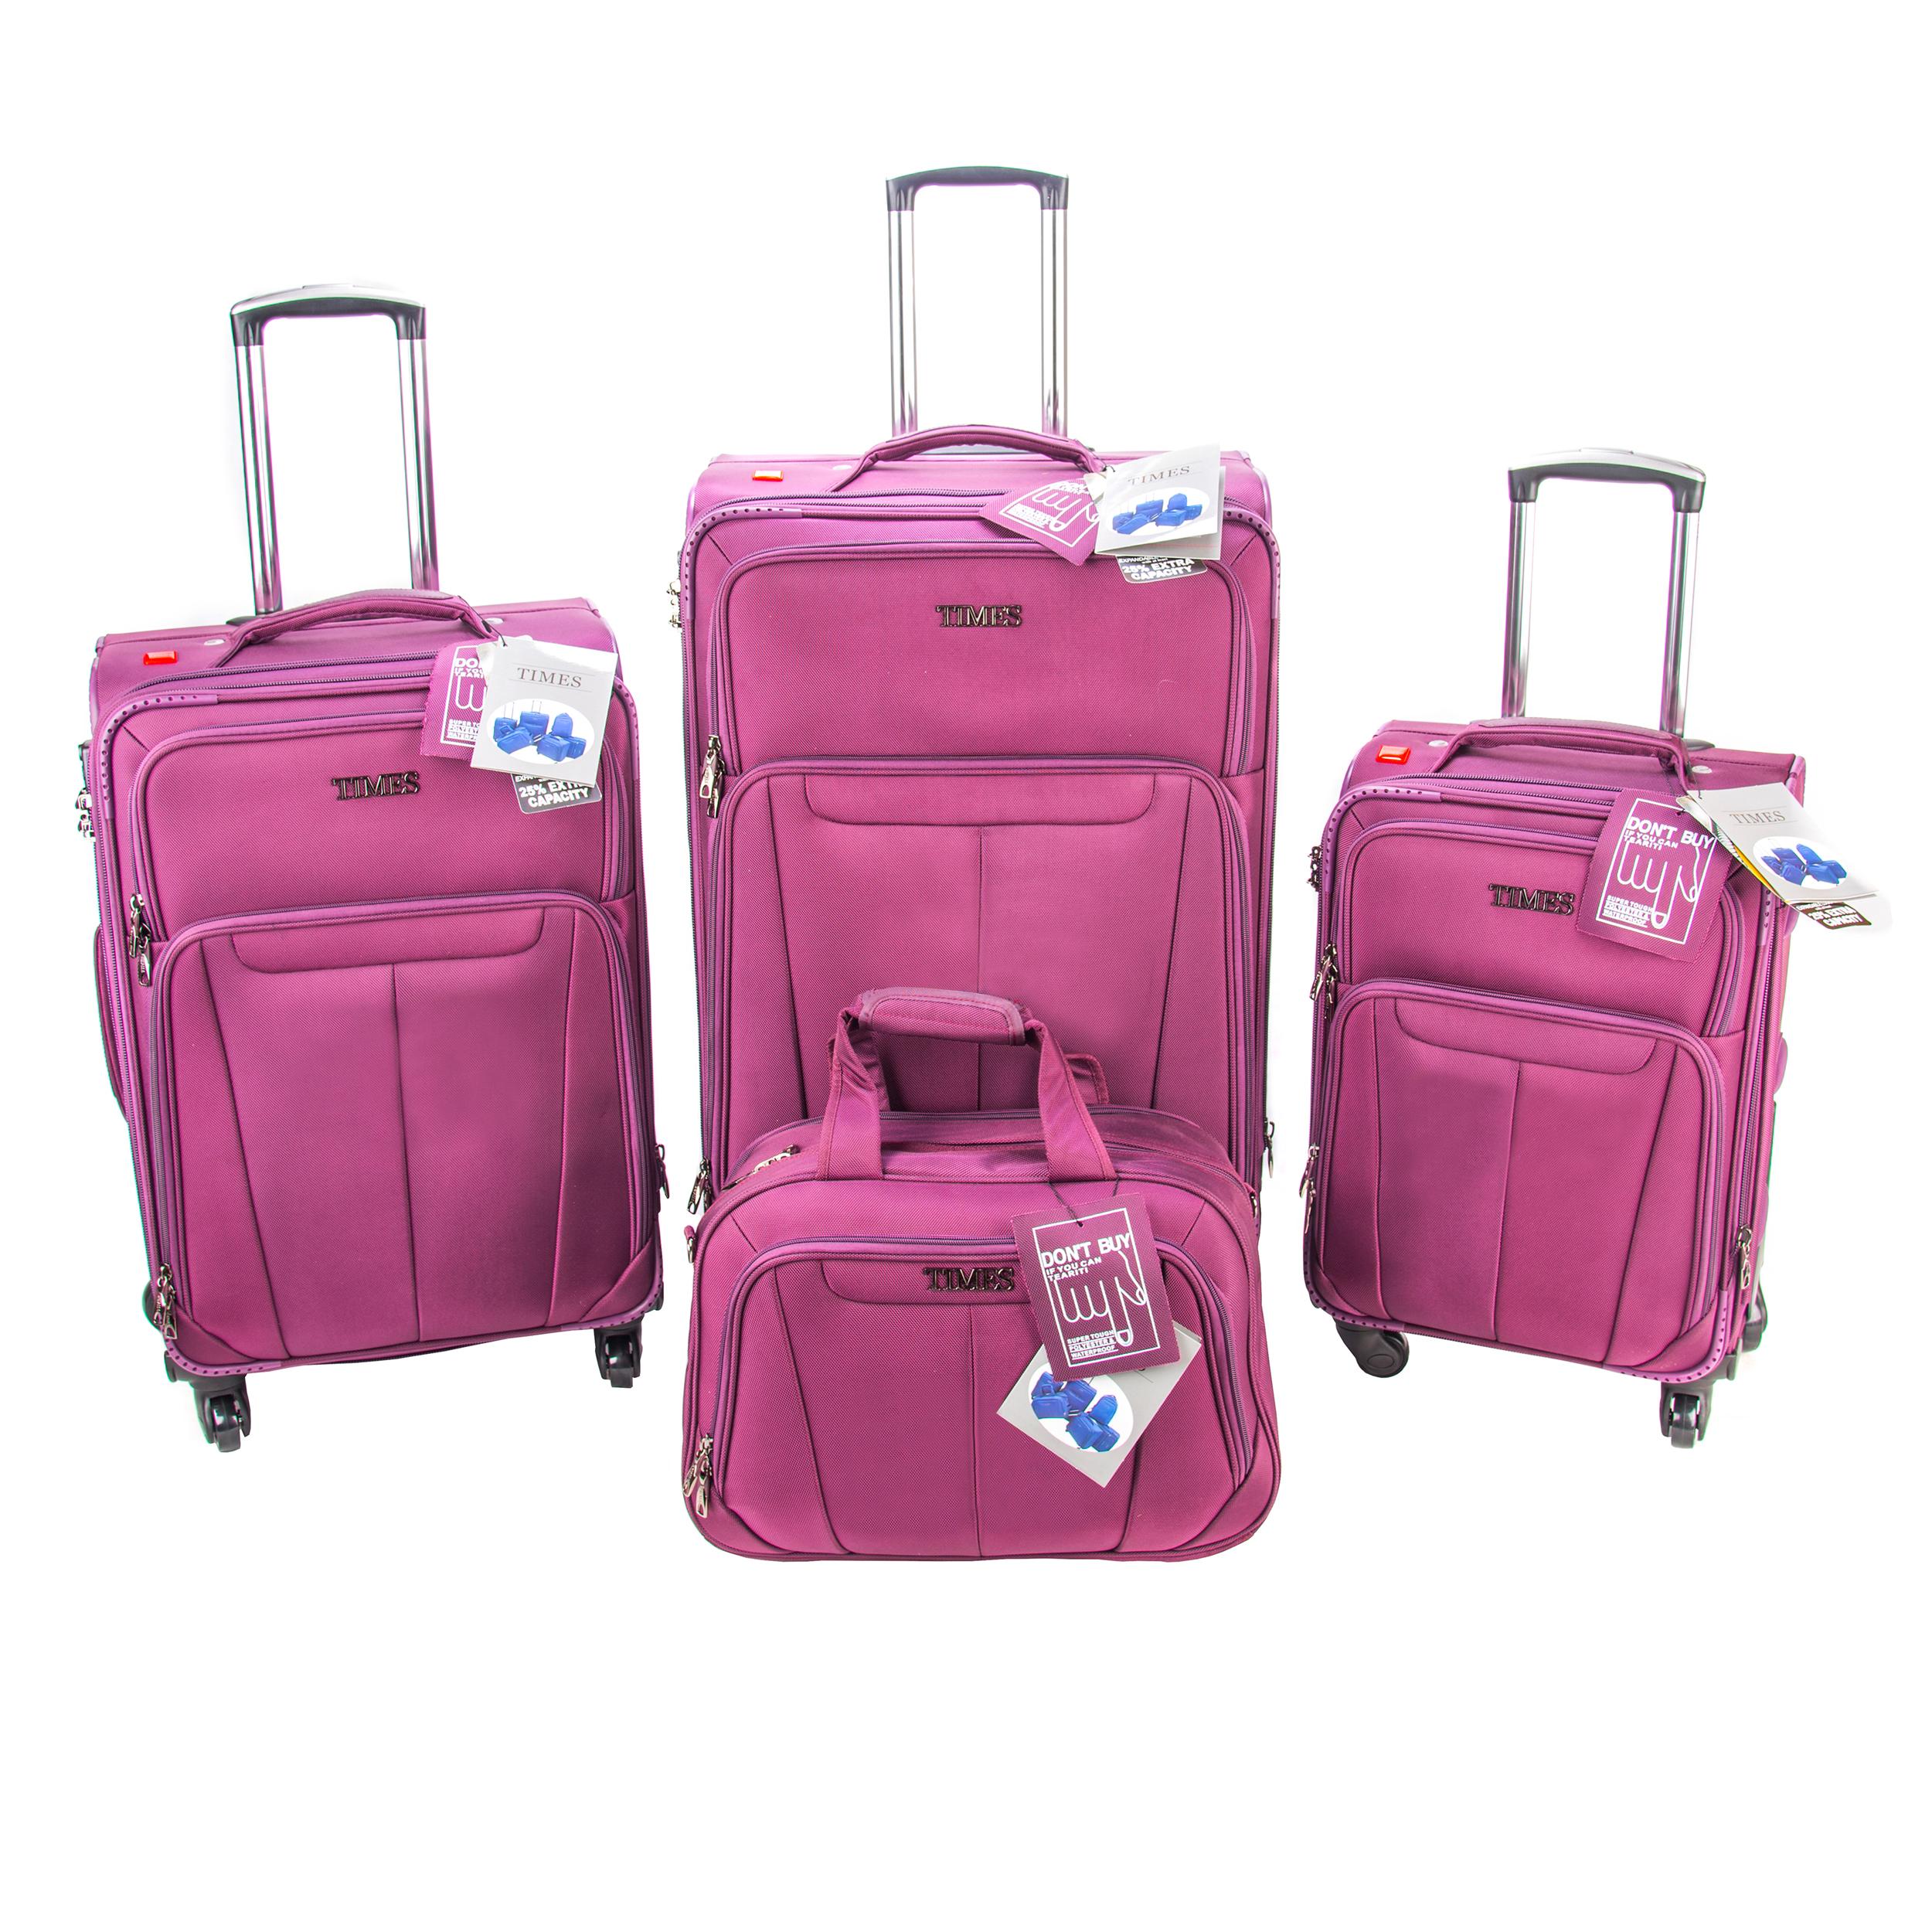 مجموعه 4 عددی چمدان تایمز کد 001